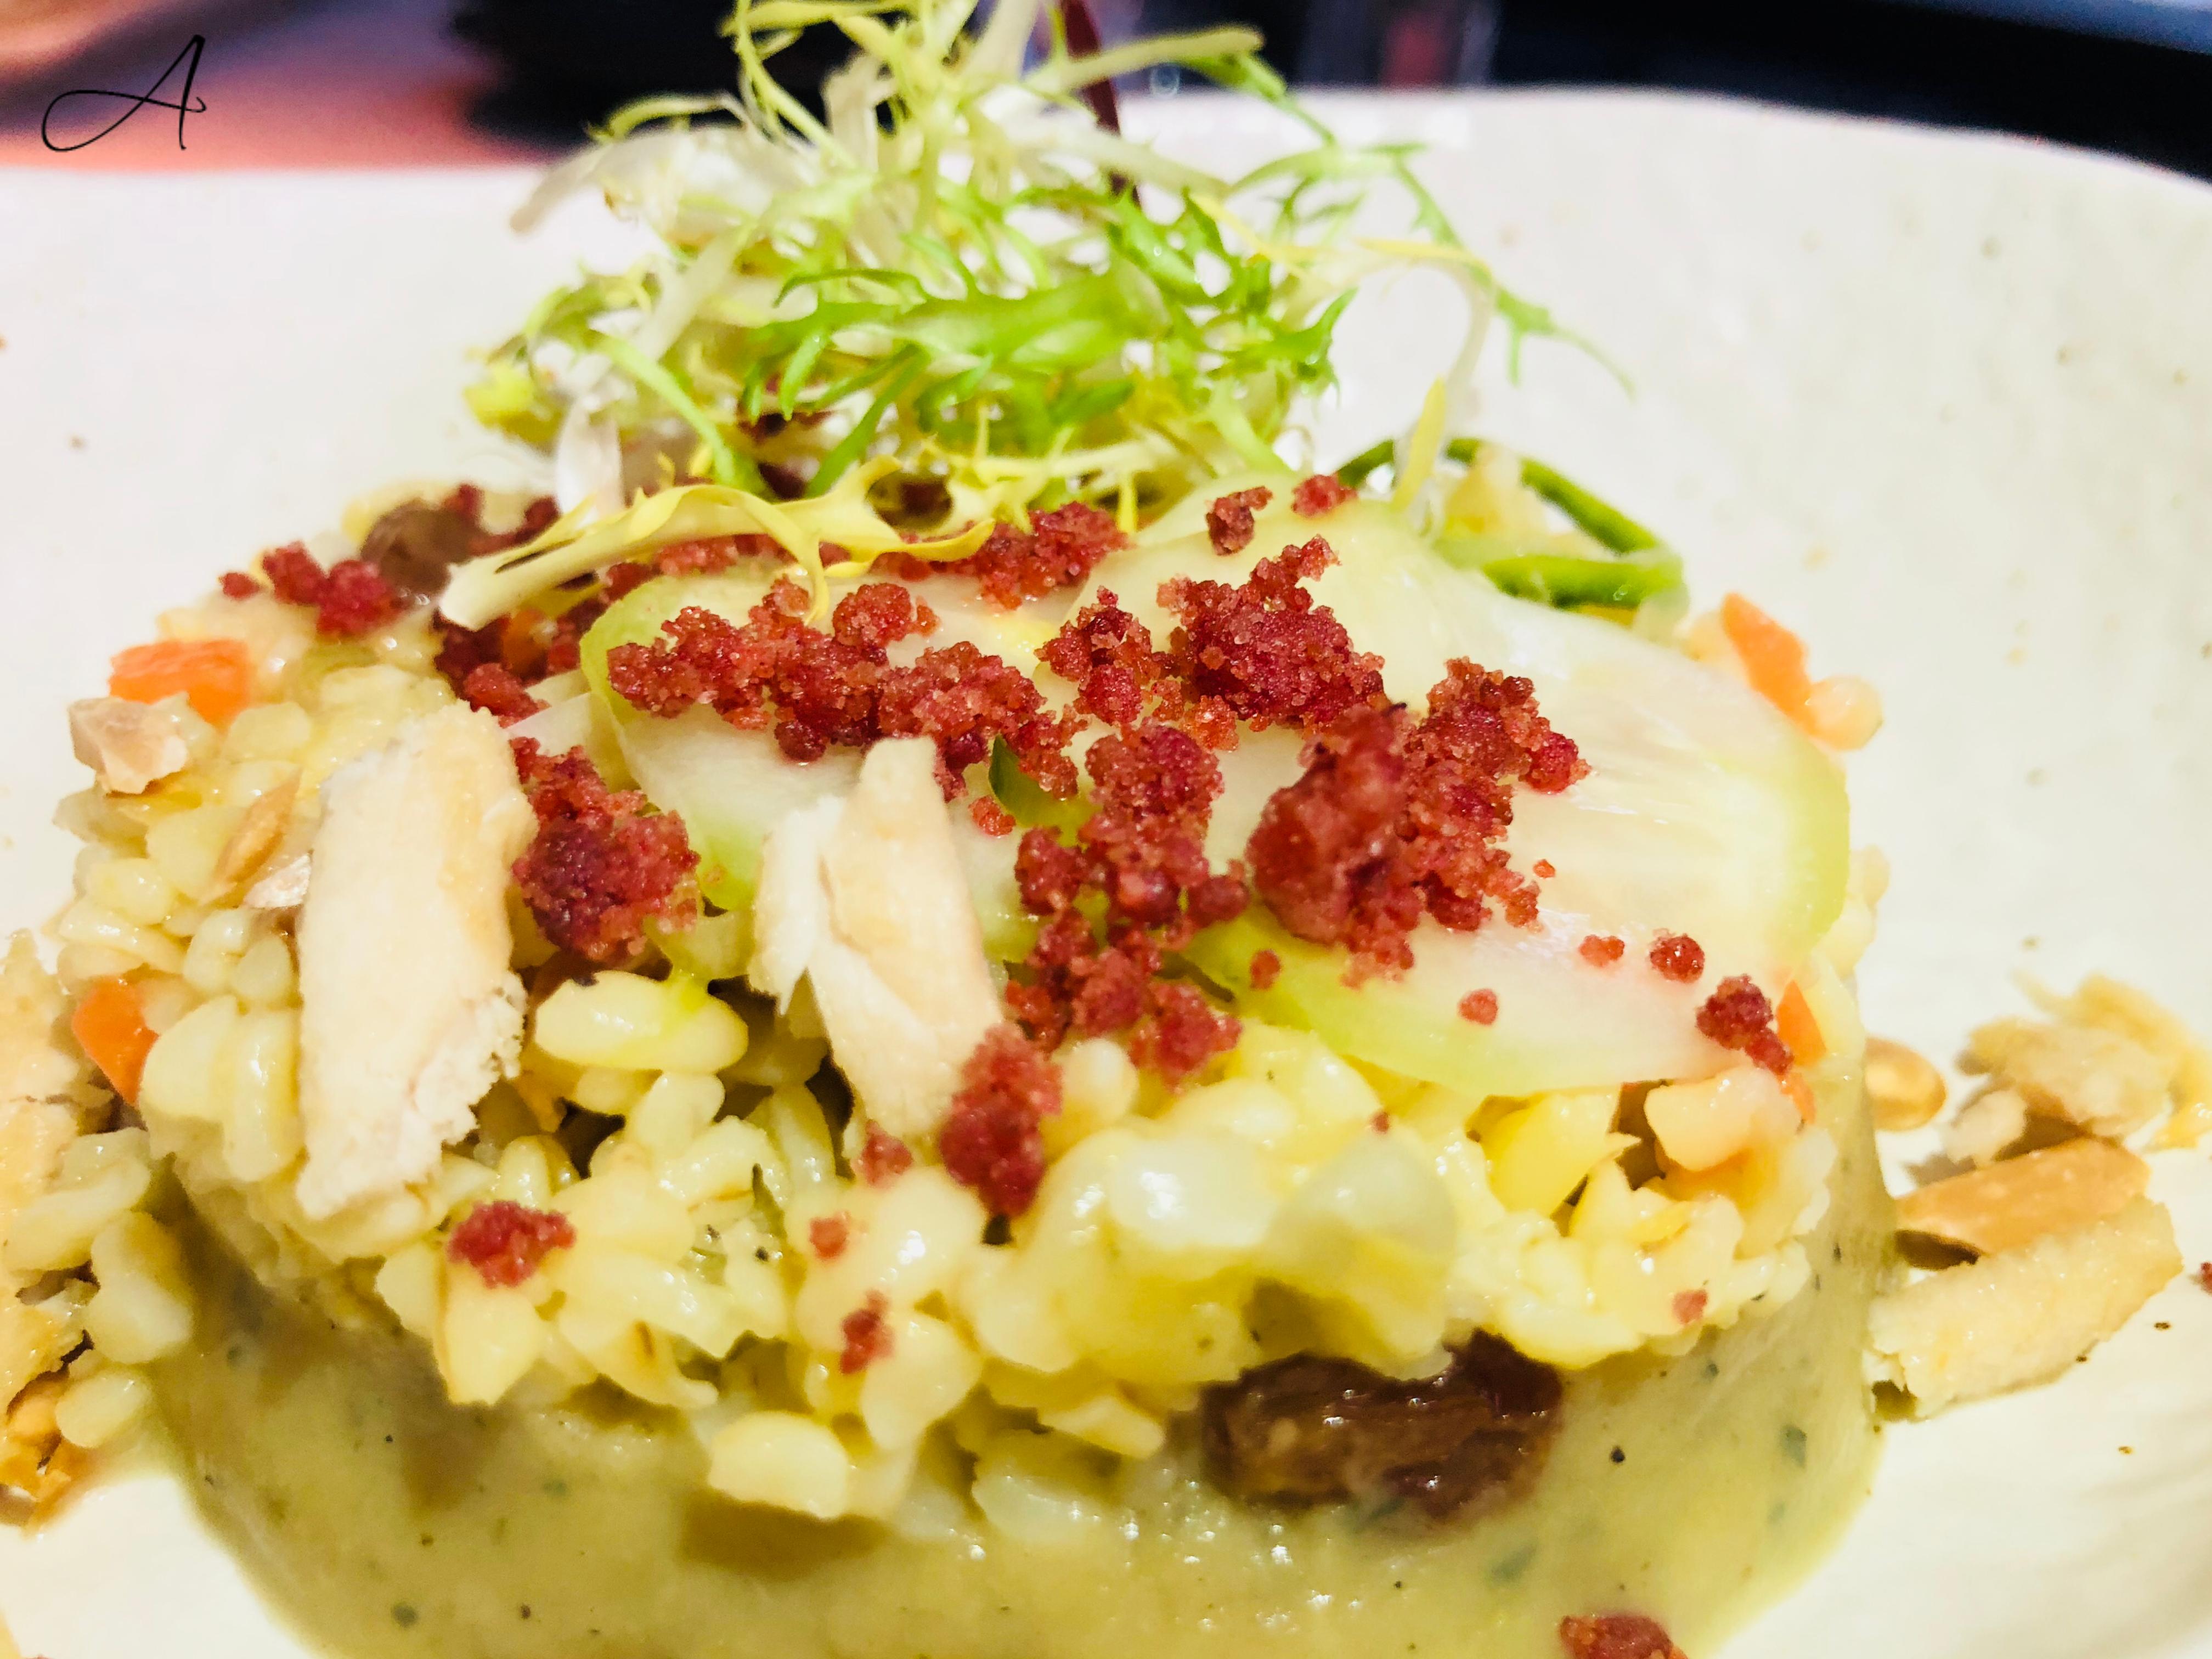 Ensalada de Bulgur con boba ganush y pollo crujiente